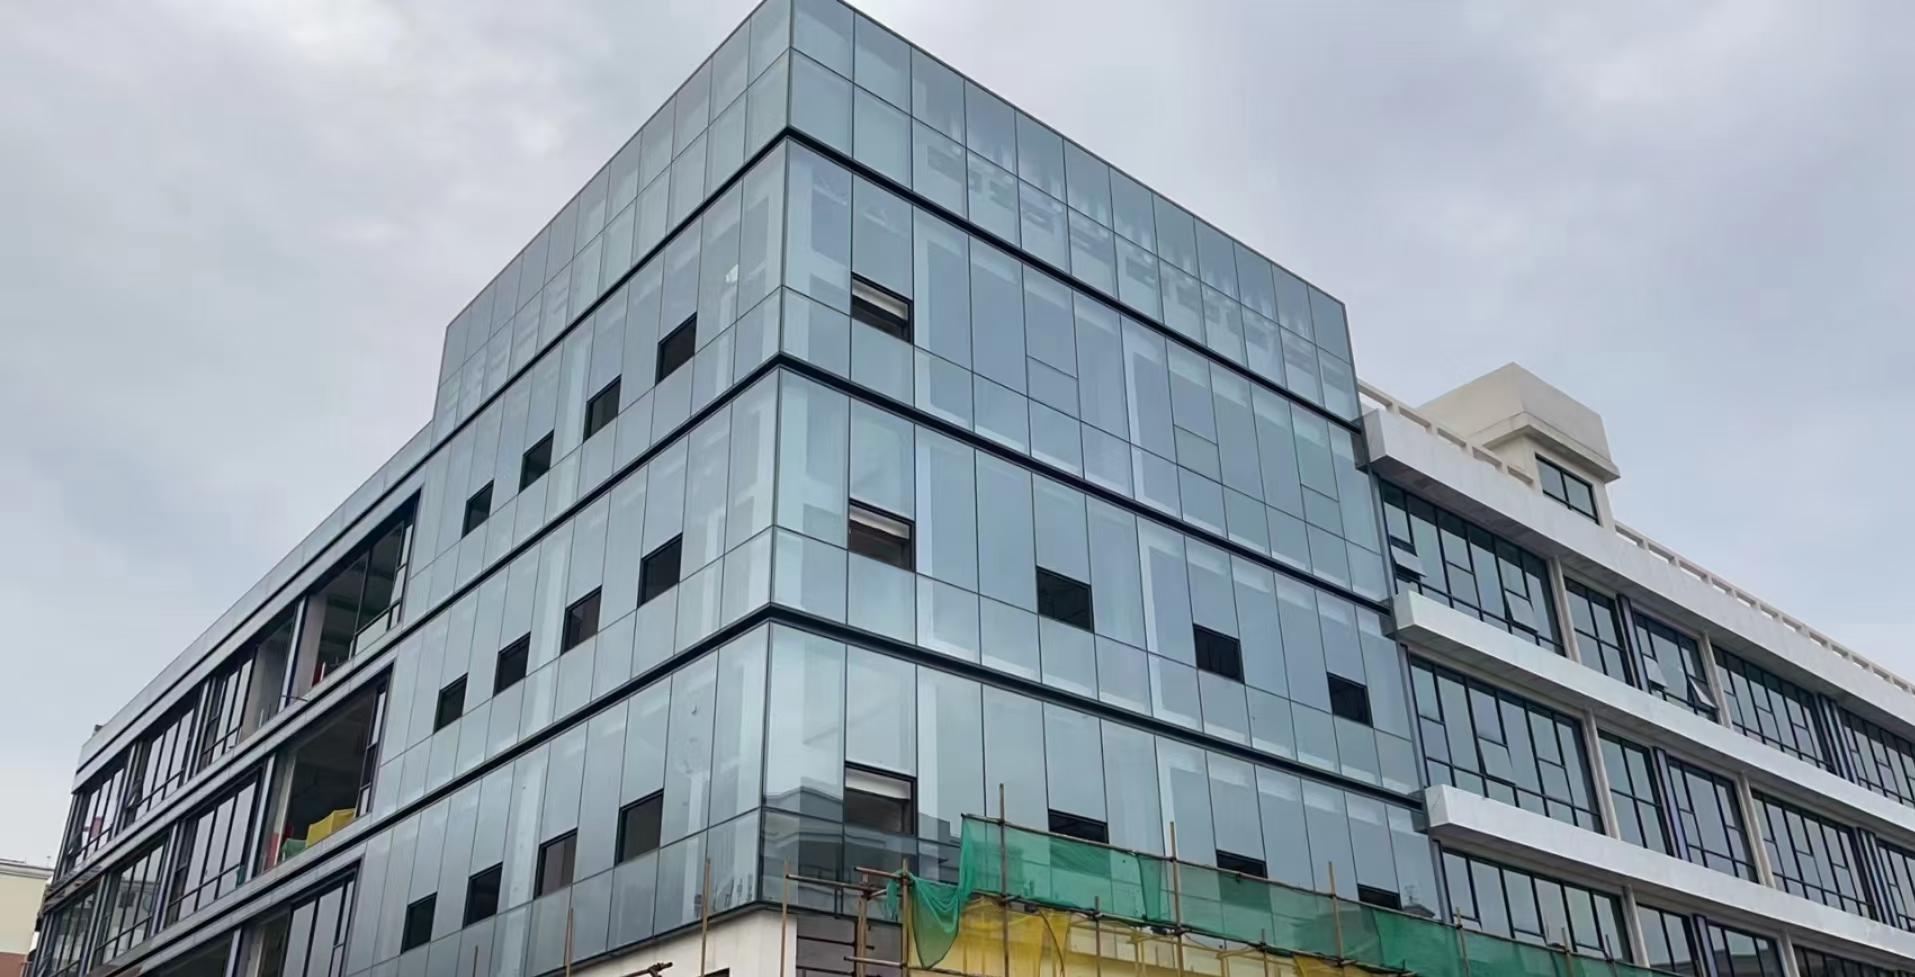 龙华油松工业园650平厂房出租,带红本适合电子科技电商仓库